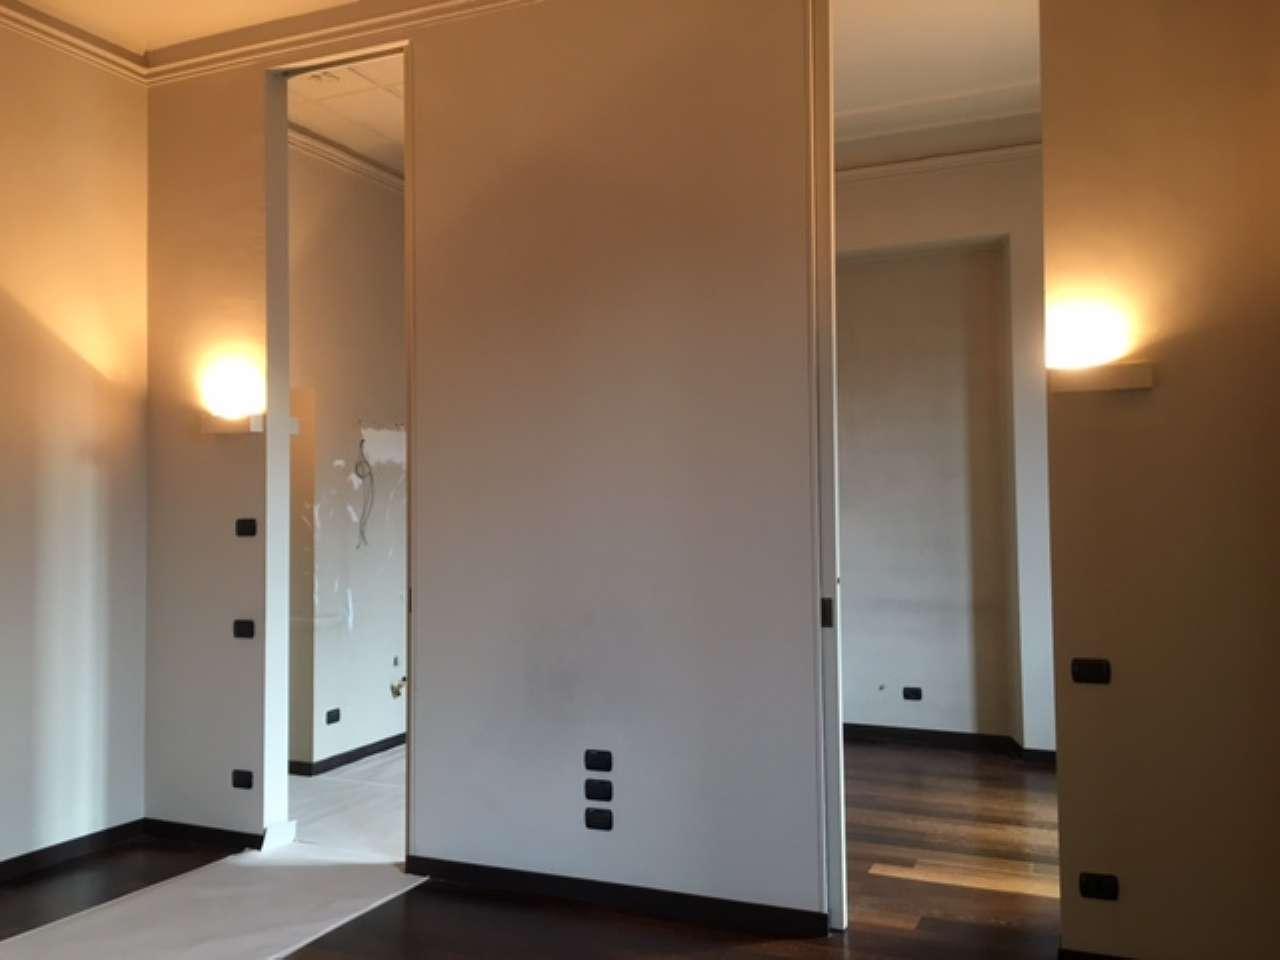 Altro in affitto a Milano, 3 locali, zona Zona: 15 . Fiera, Firenze, Sempione, Pagano, Amendola, Paolo Sarpi, Arena, prezzo € 2.000 | Cambio Casa.it